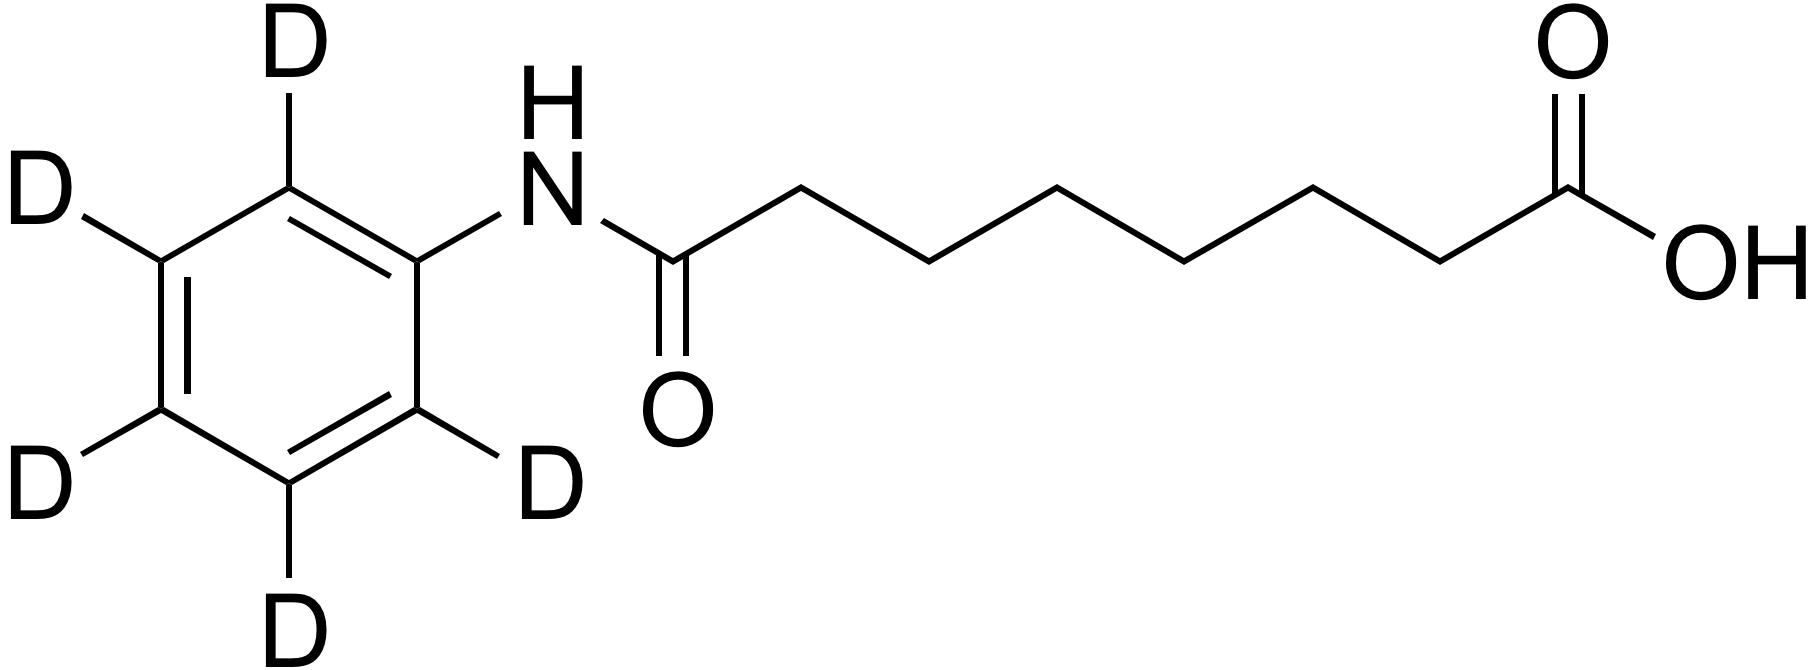 Suberanilic acid-d<sub>5</sub>